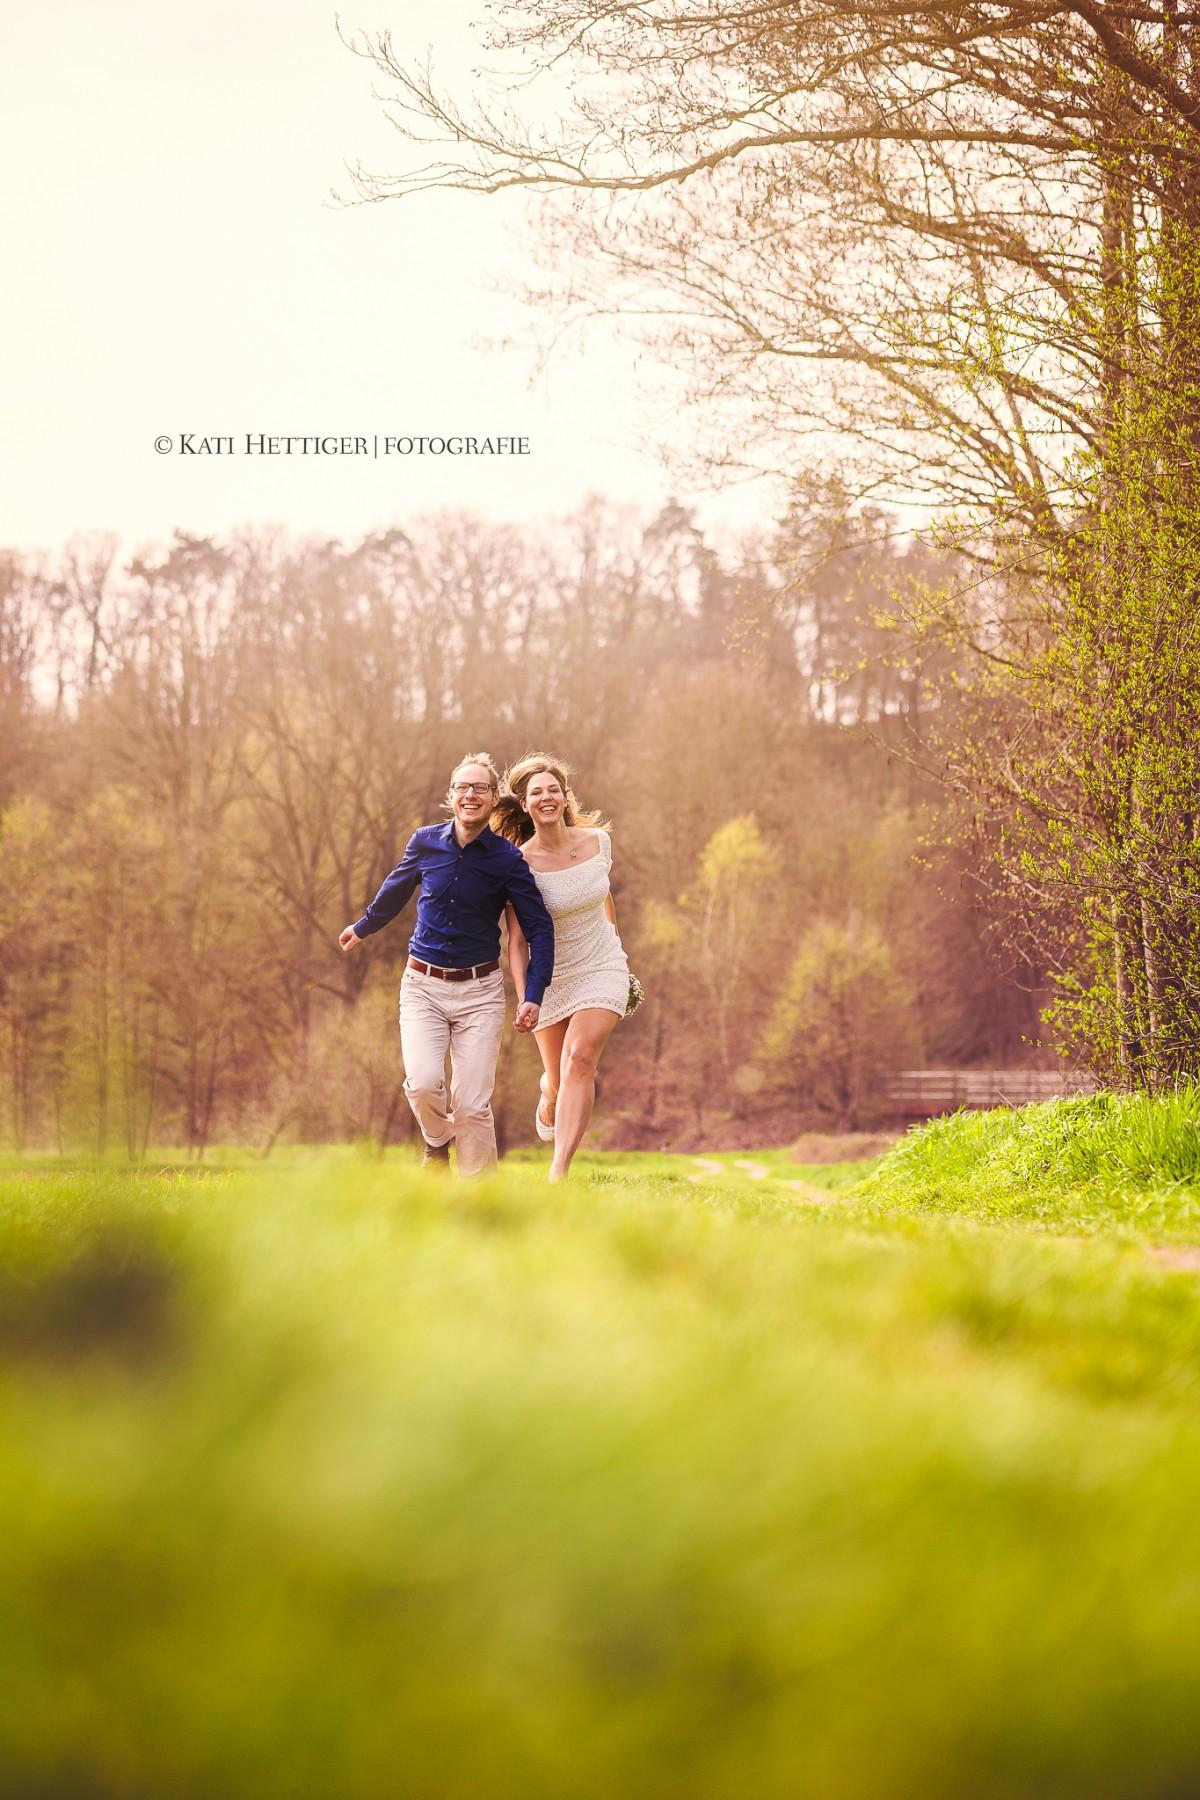 Verlobungs-Shooting Engagement- Shooting Marktheidenfeld Paar-Fotoshooting